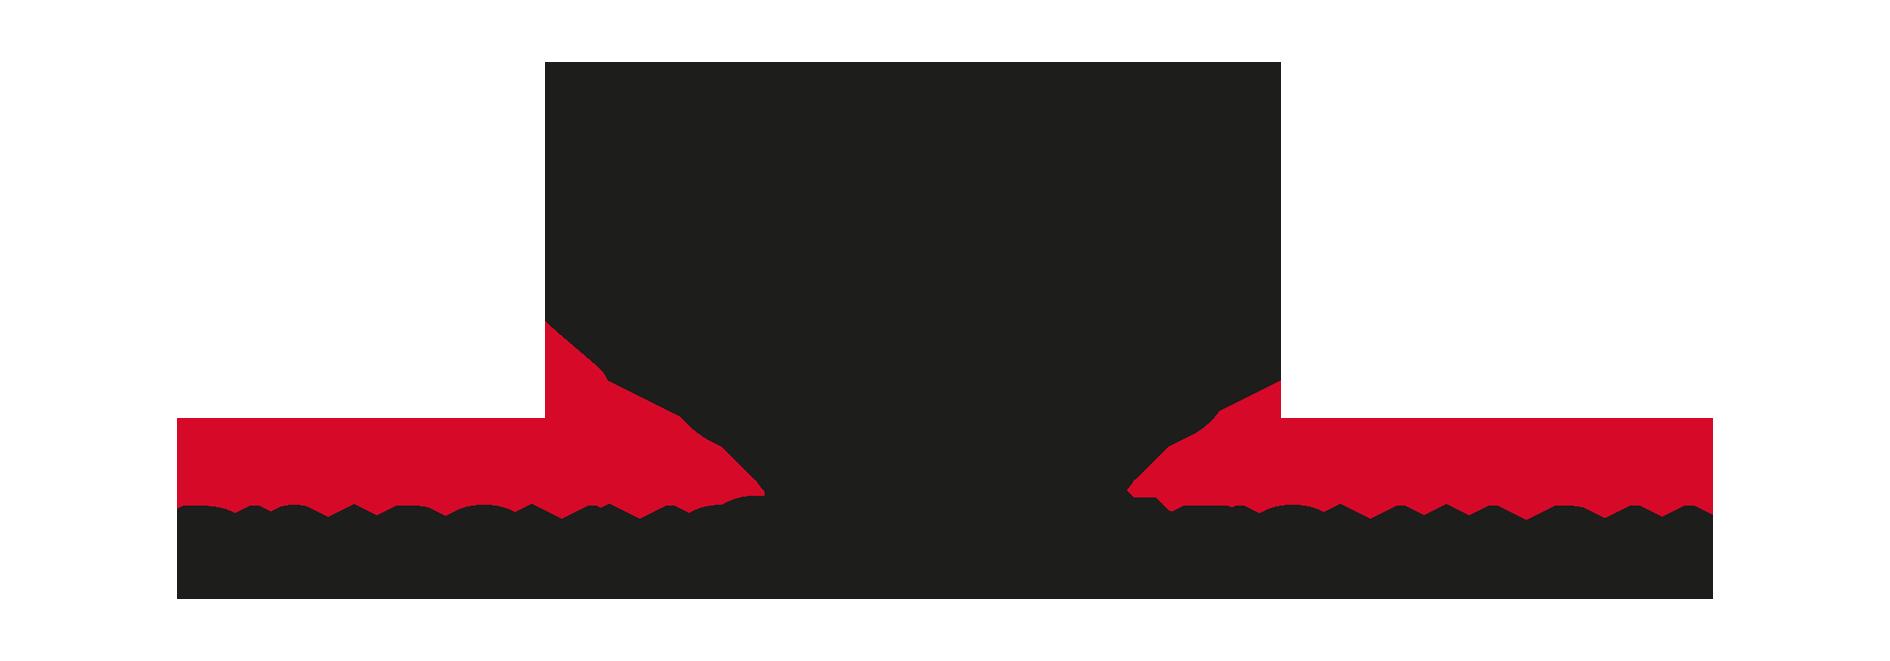 Disaronno International B.V.